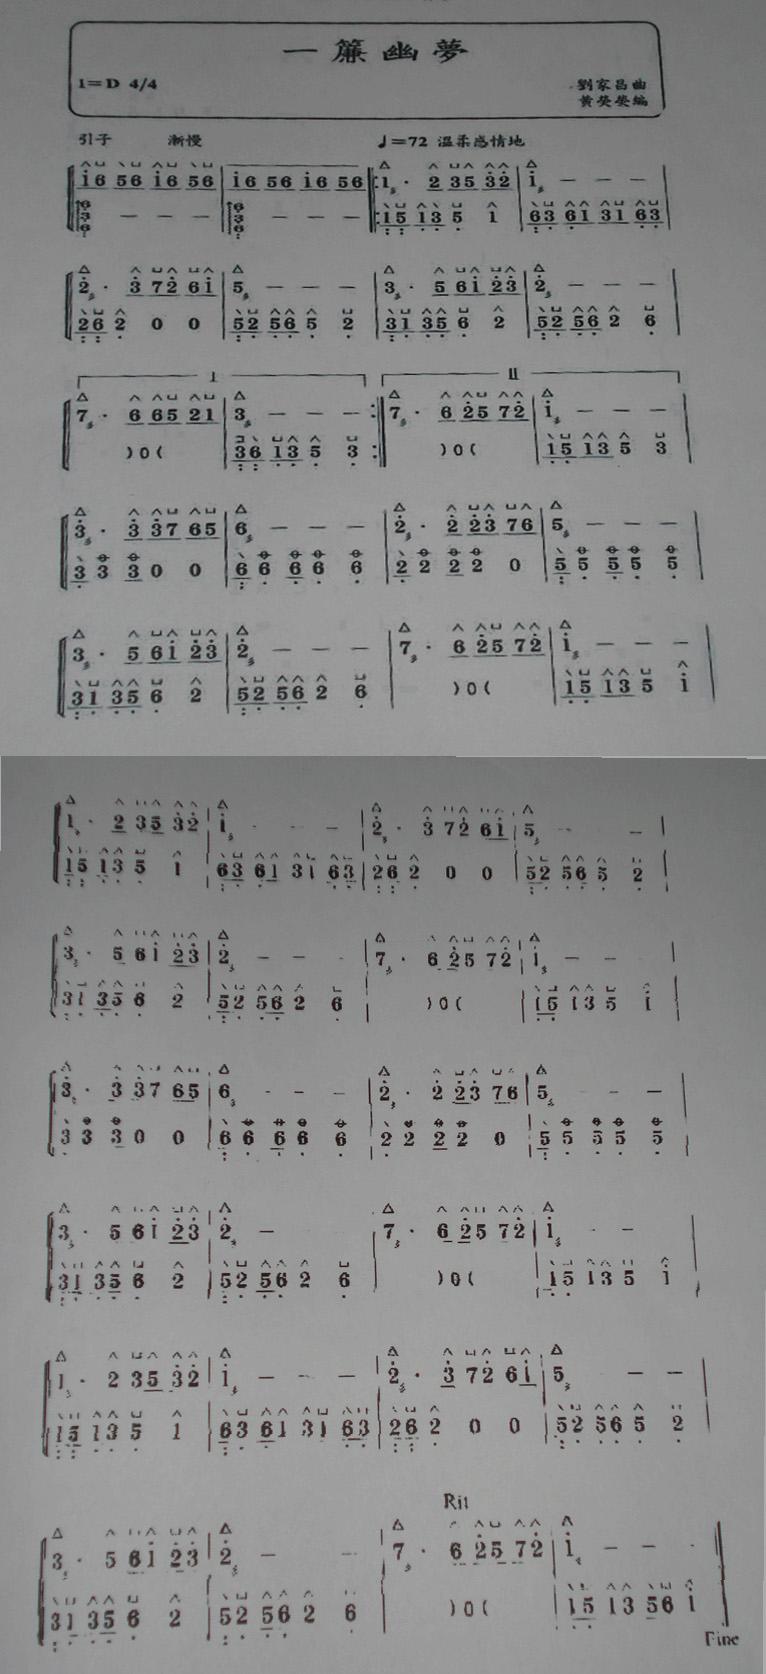 古筝曲谱 一帘幽梦